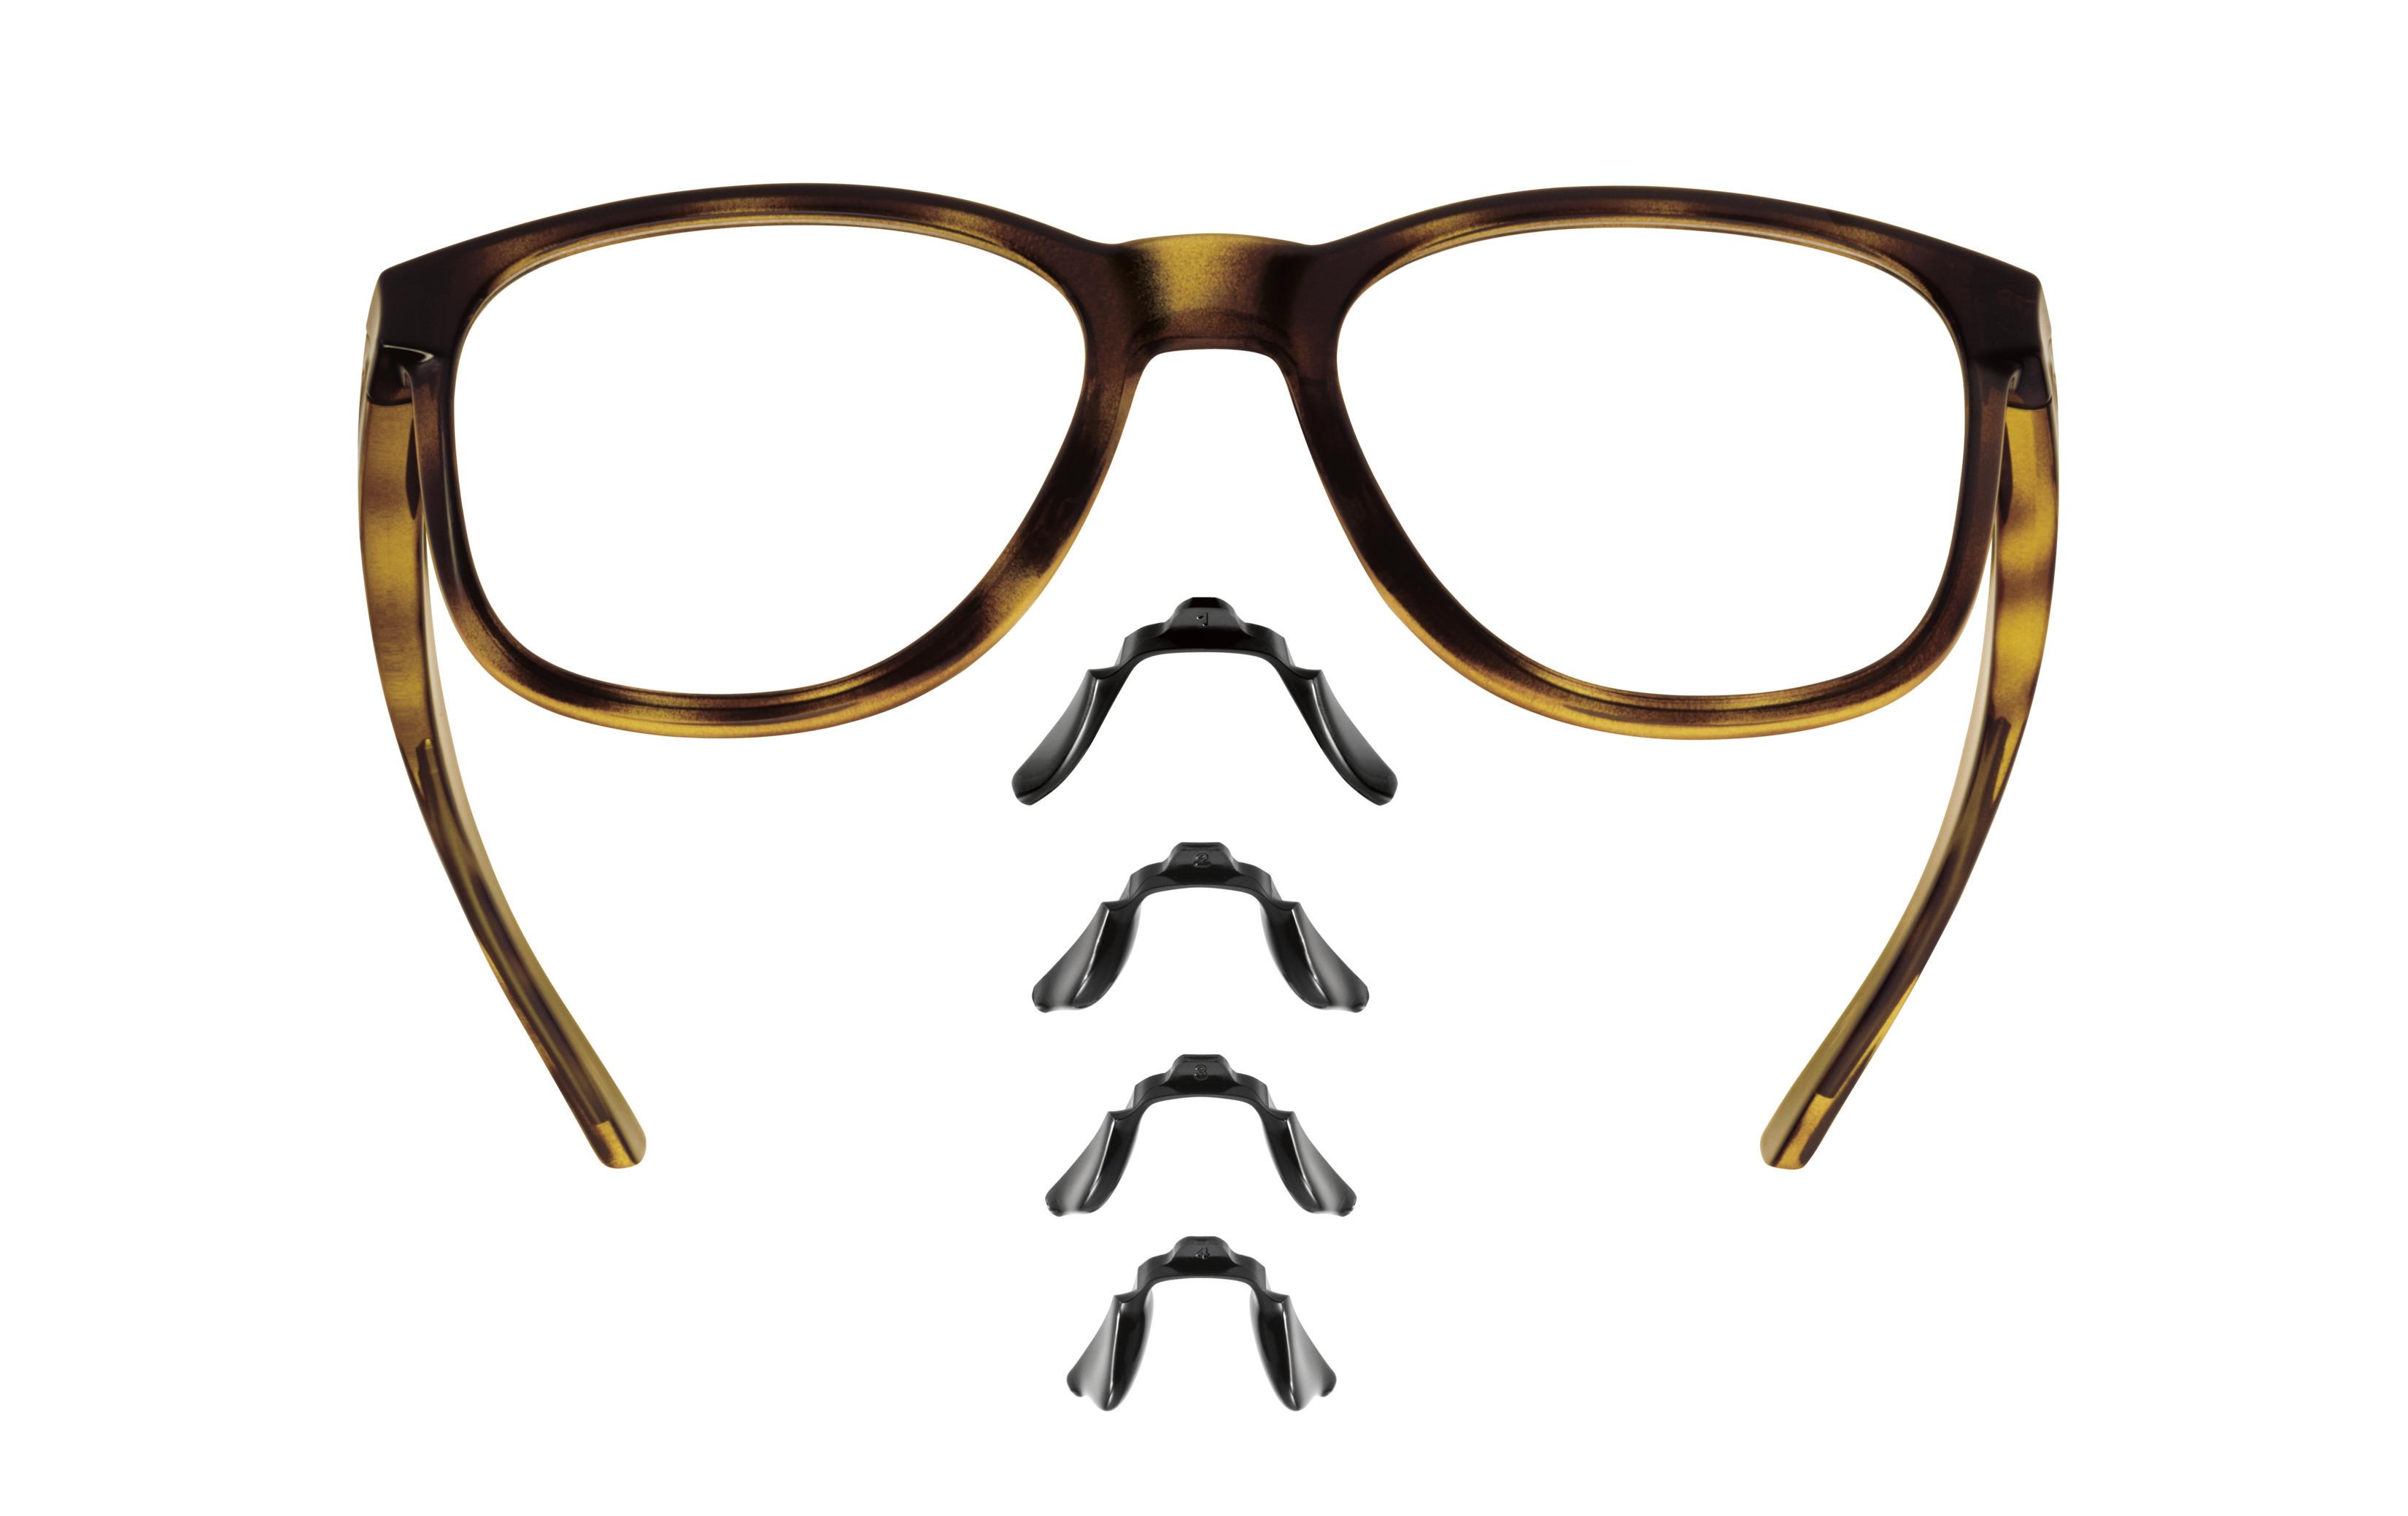 Oakley M Frame Nose Pads Www Tapdance Org